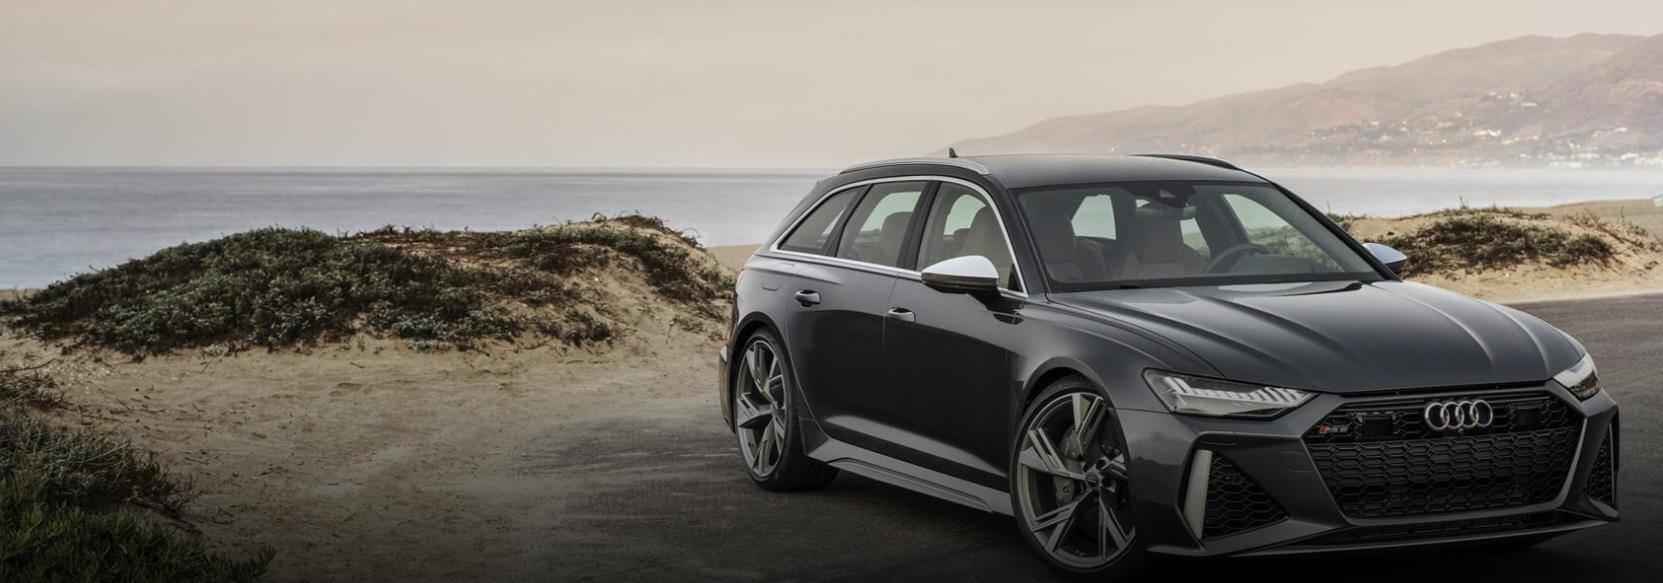 新款奥迪RS6上市价值更高,动力更强